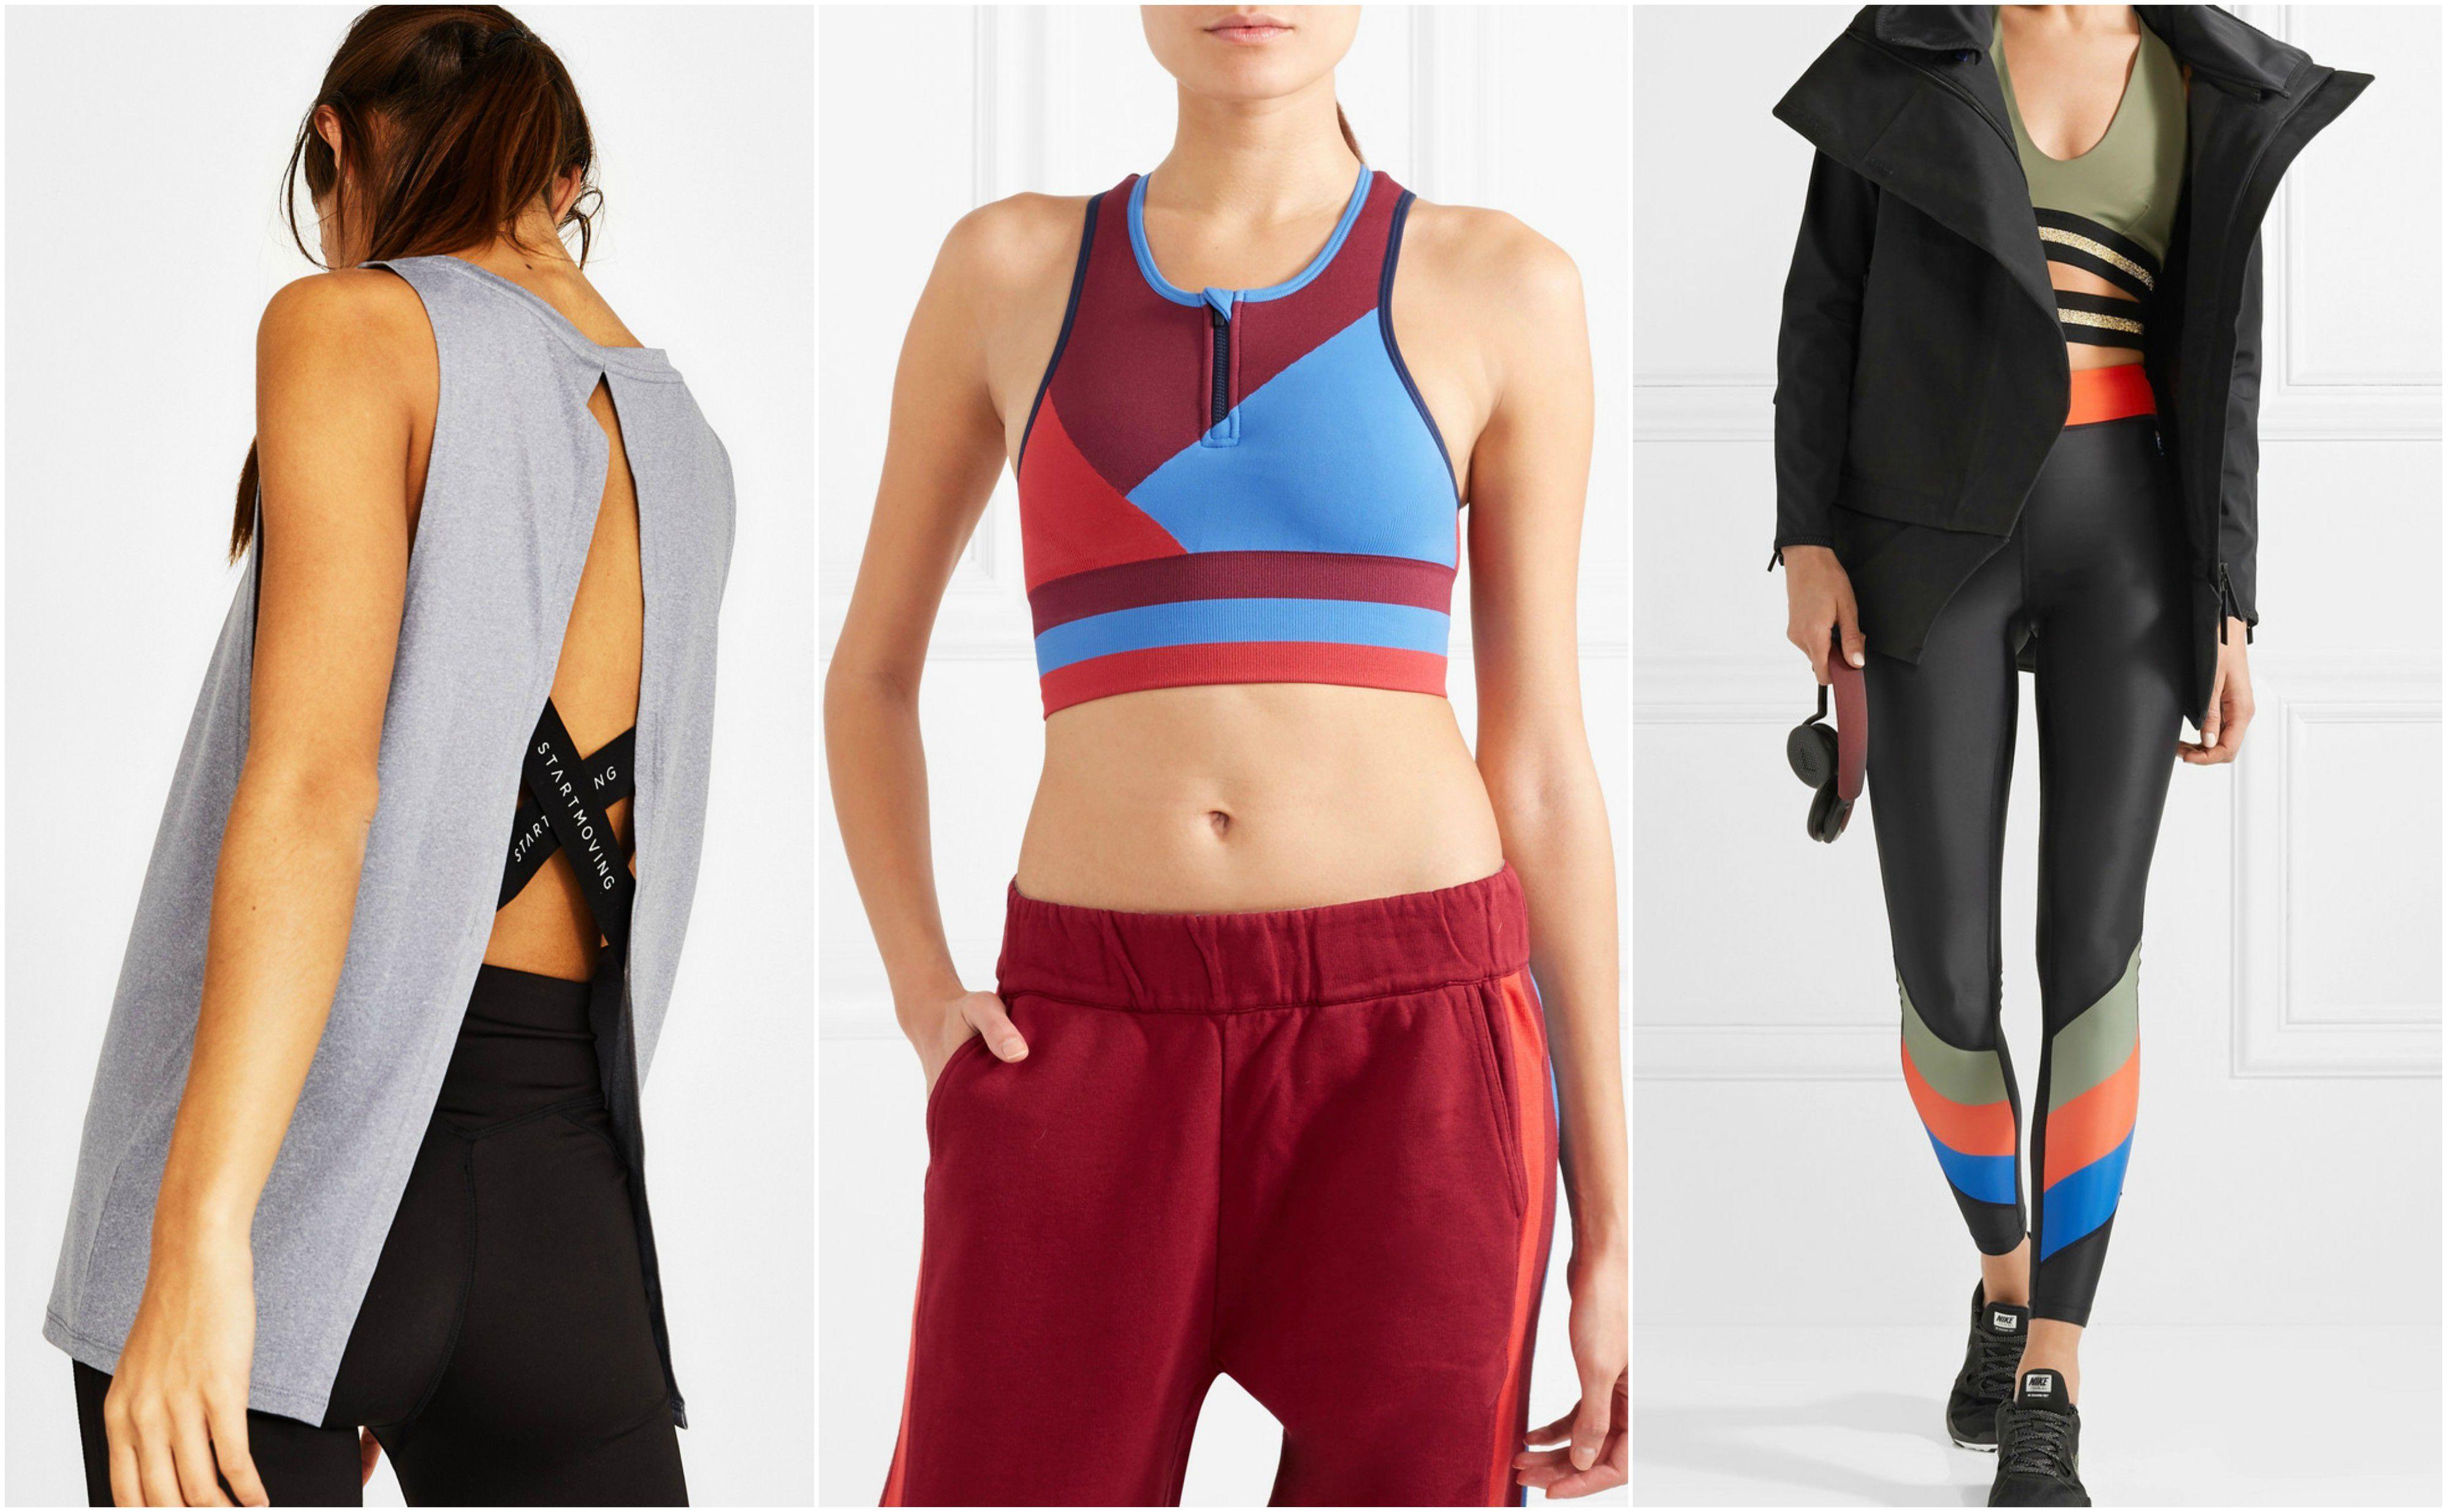 Možda vas stylish odjeća za teretanu natjera na više tjelovježbe